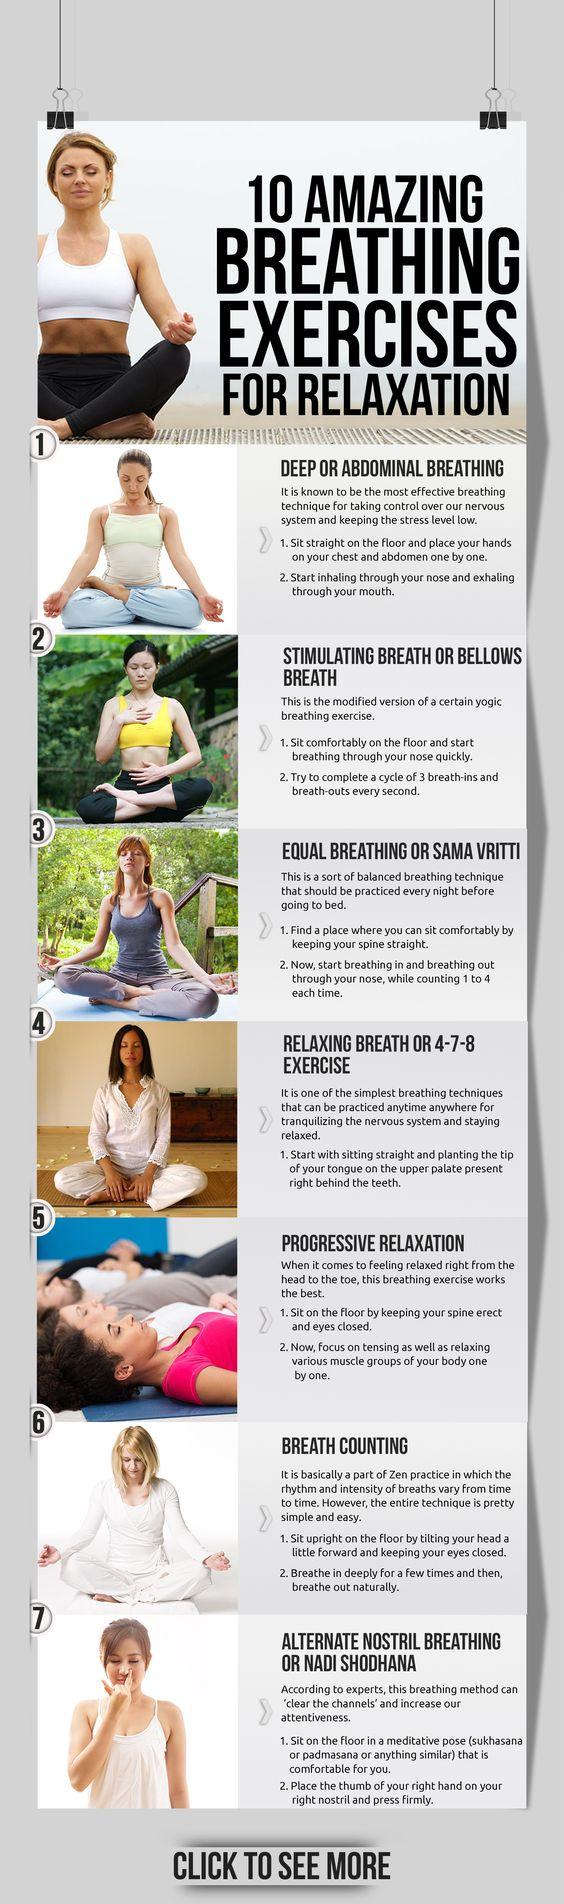 amazing breathing exercises for relaxation